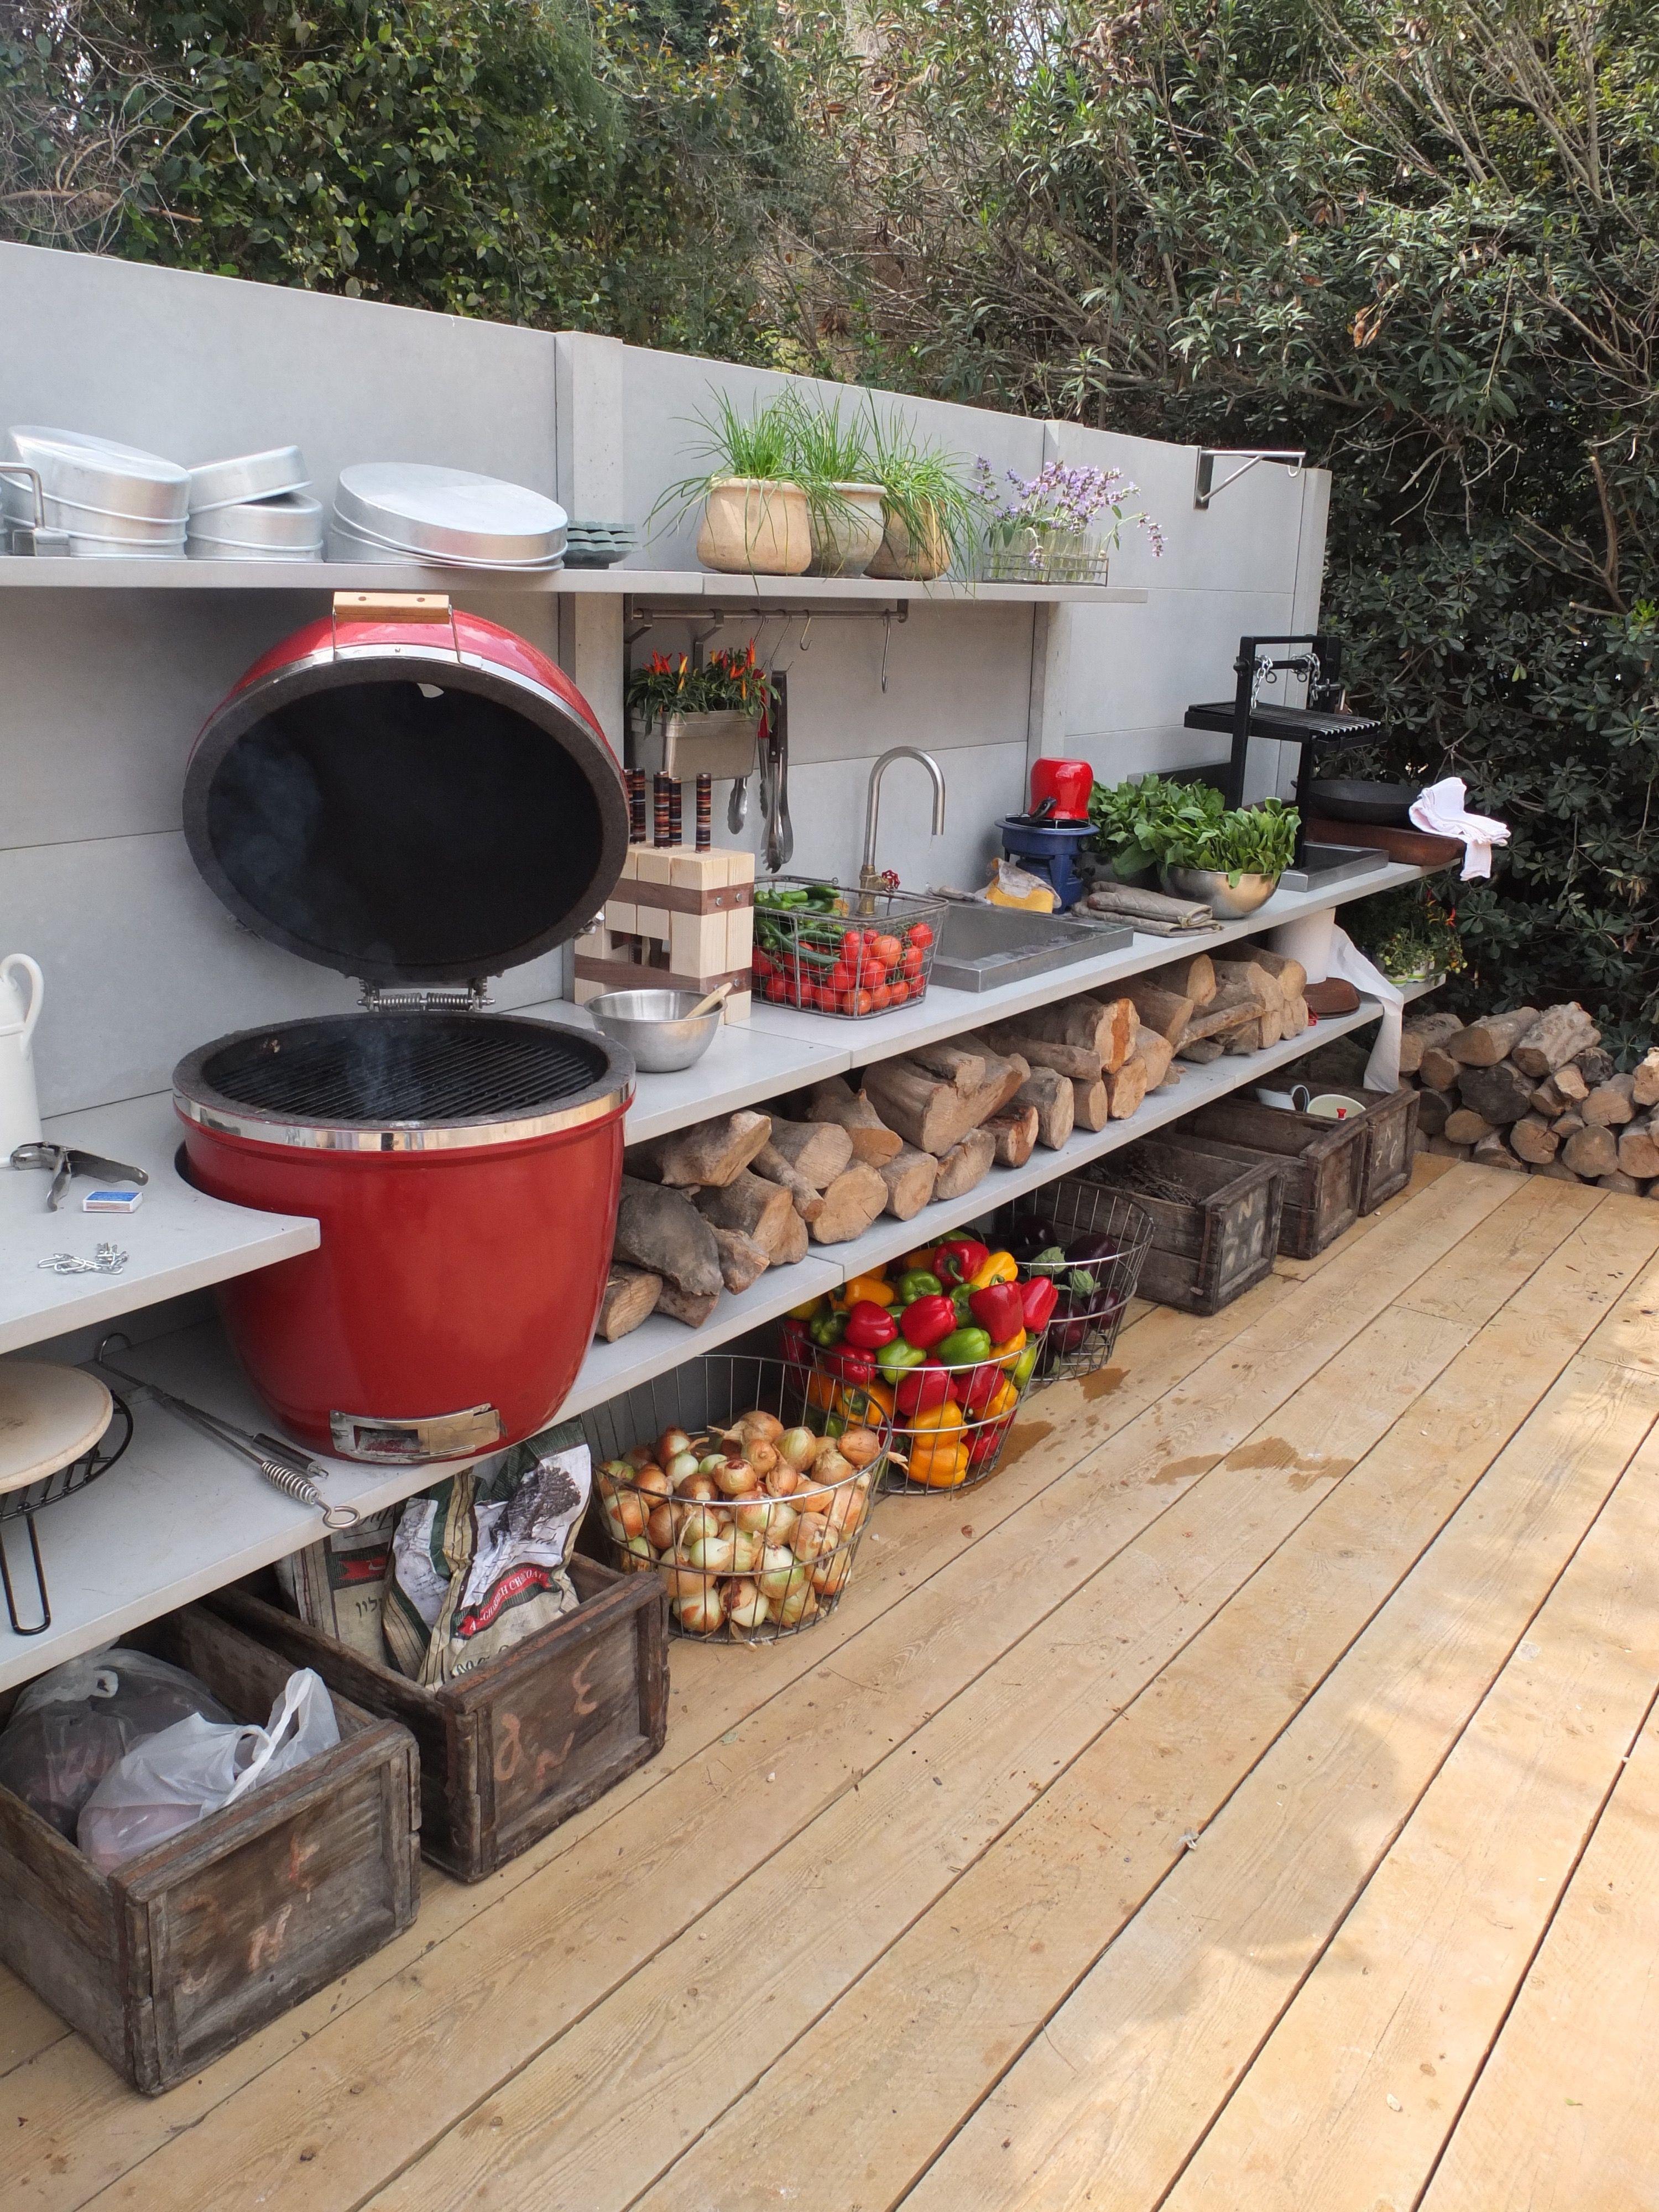 wwoo outdoor kitchen in isreal www wwoo nl outdoor kitchen design outdoor kitchen outdoor on outdoor kitchen yard id=90143